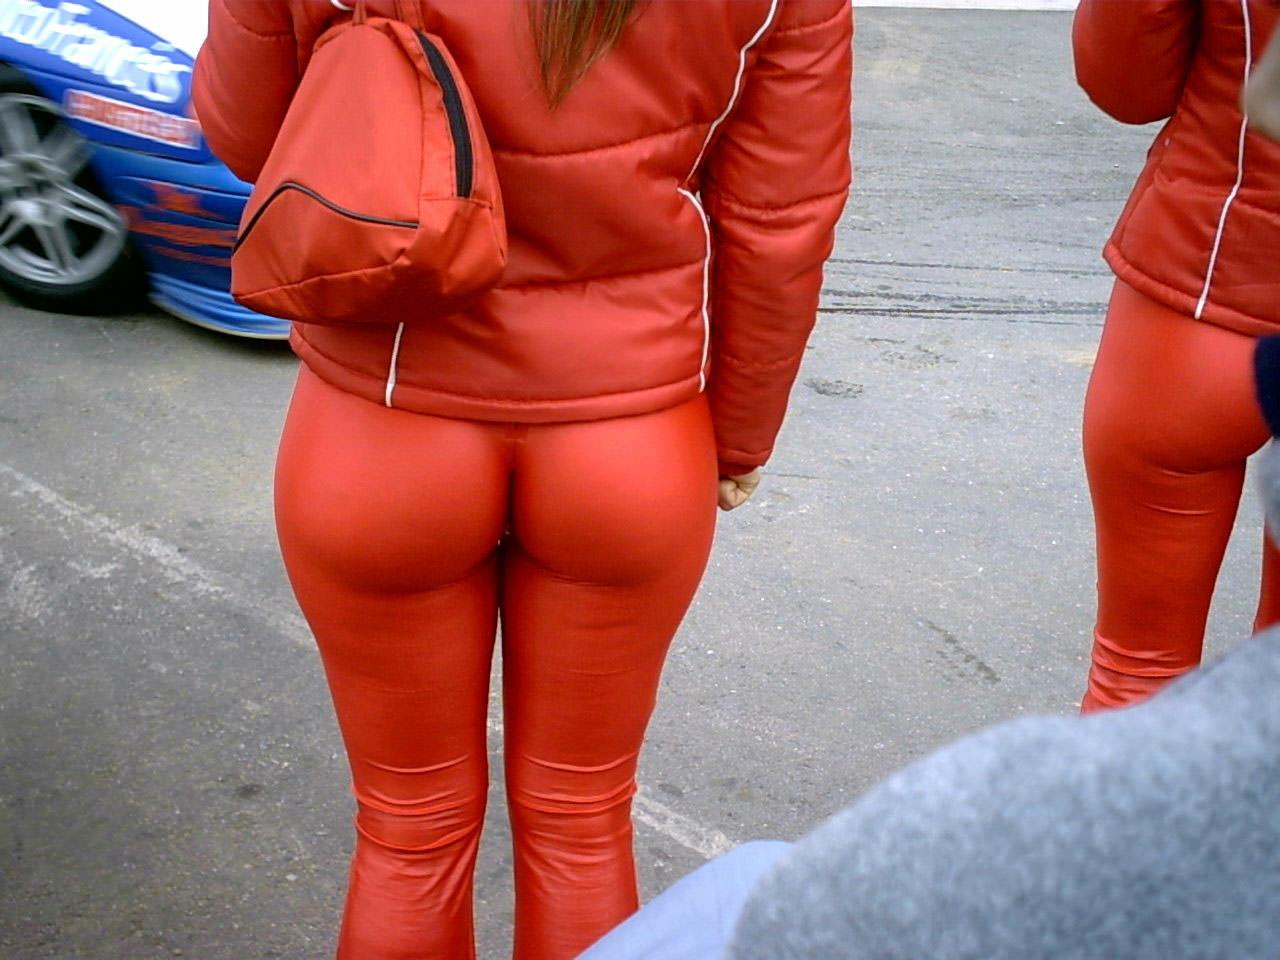 おっぱいよりもお尻をアピールする女子の街撮りエロ画像 478